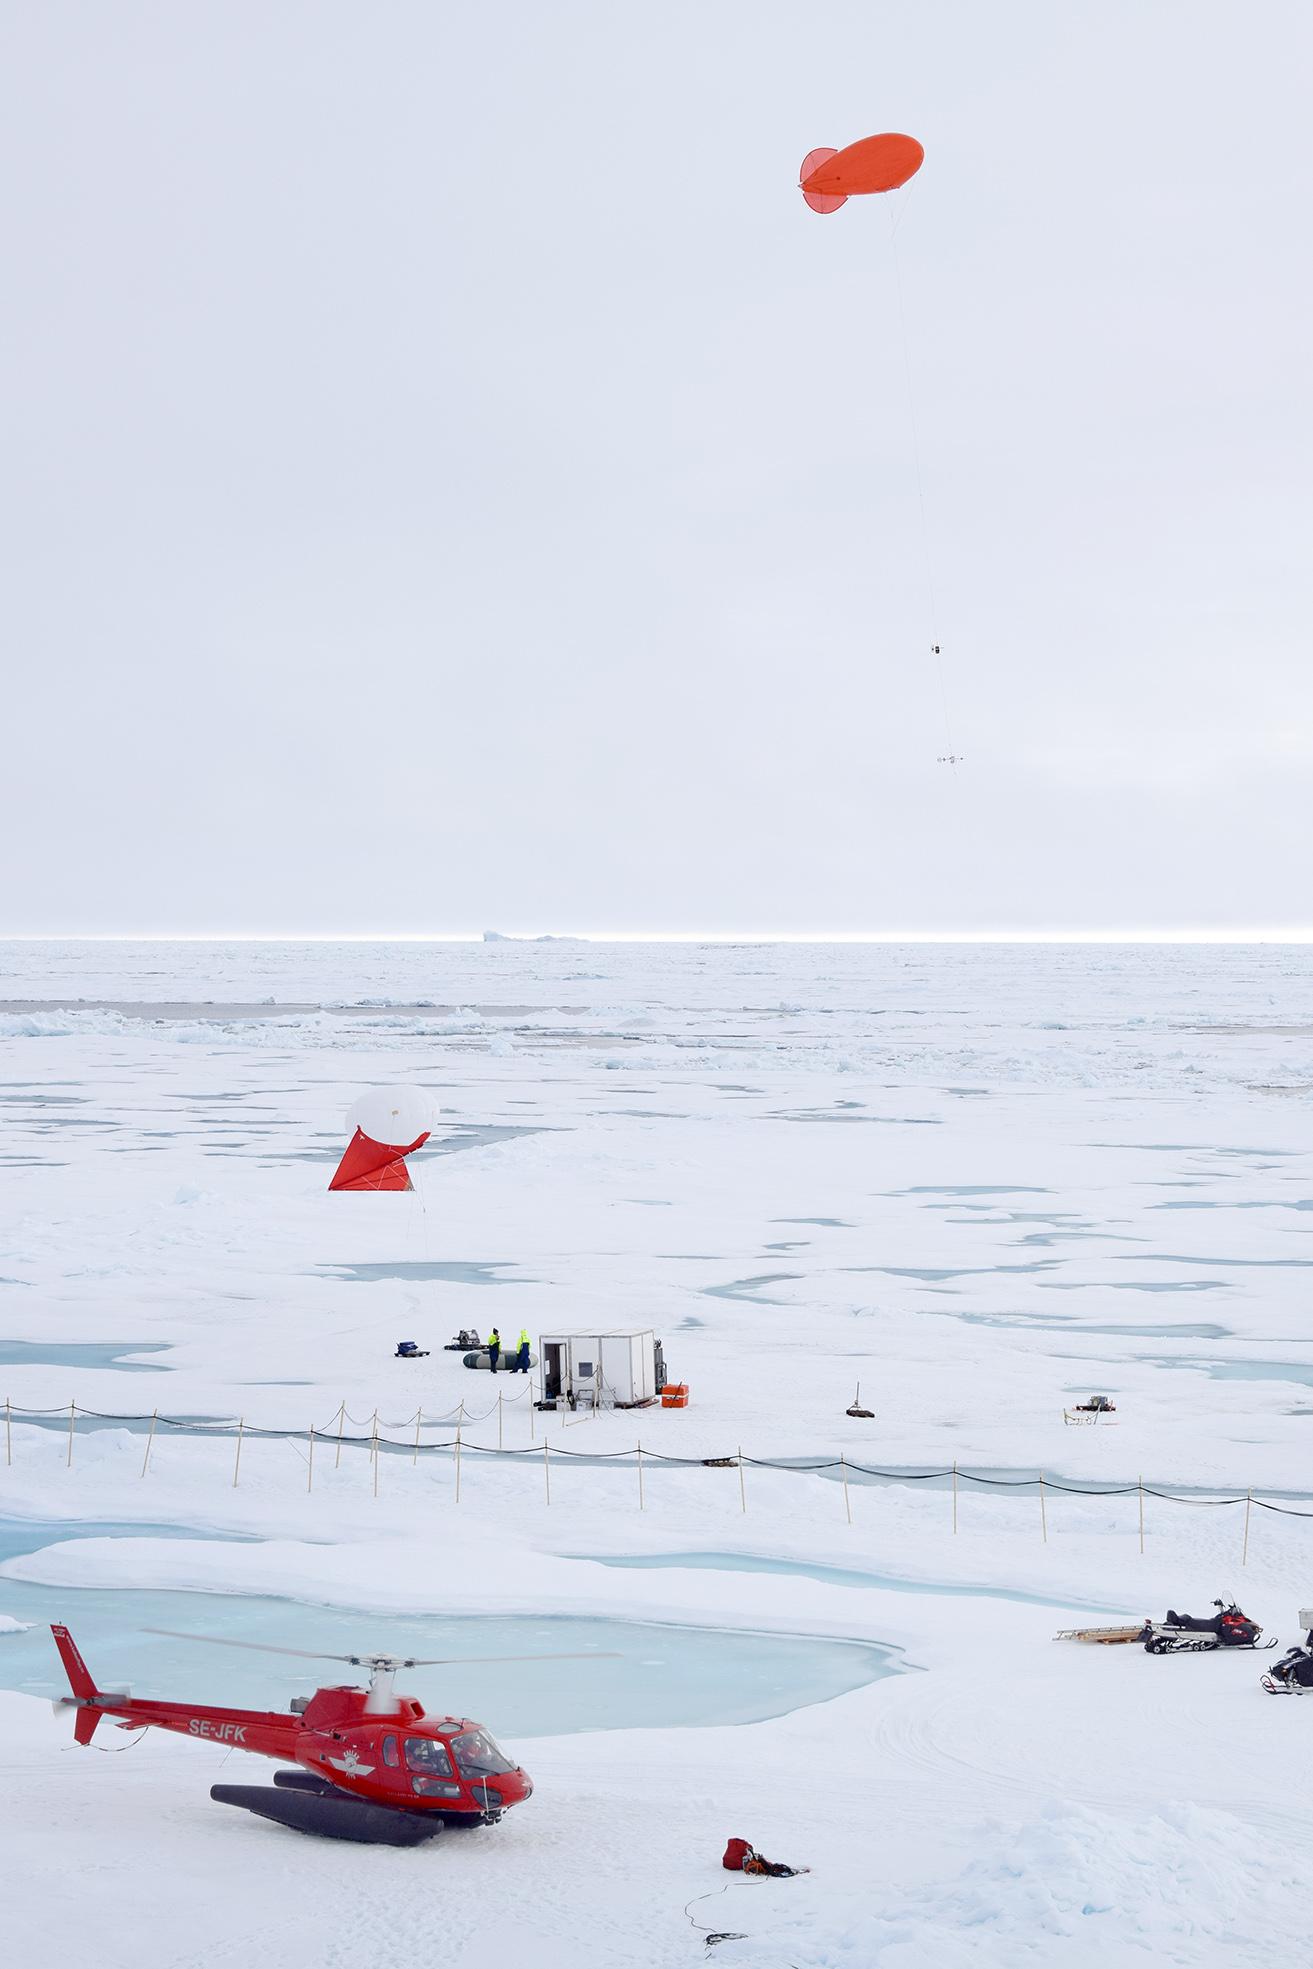 Ballongplats ute på isen. På ballonger som sitter fast vid marken fästs mätinstrument. På så sätt kan de hållas på en viss höjd för att sedan tas ned.